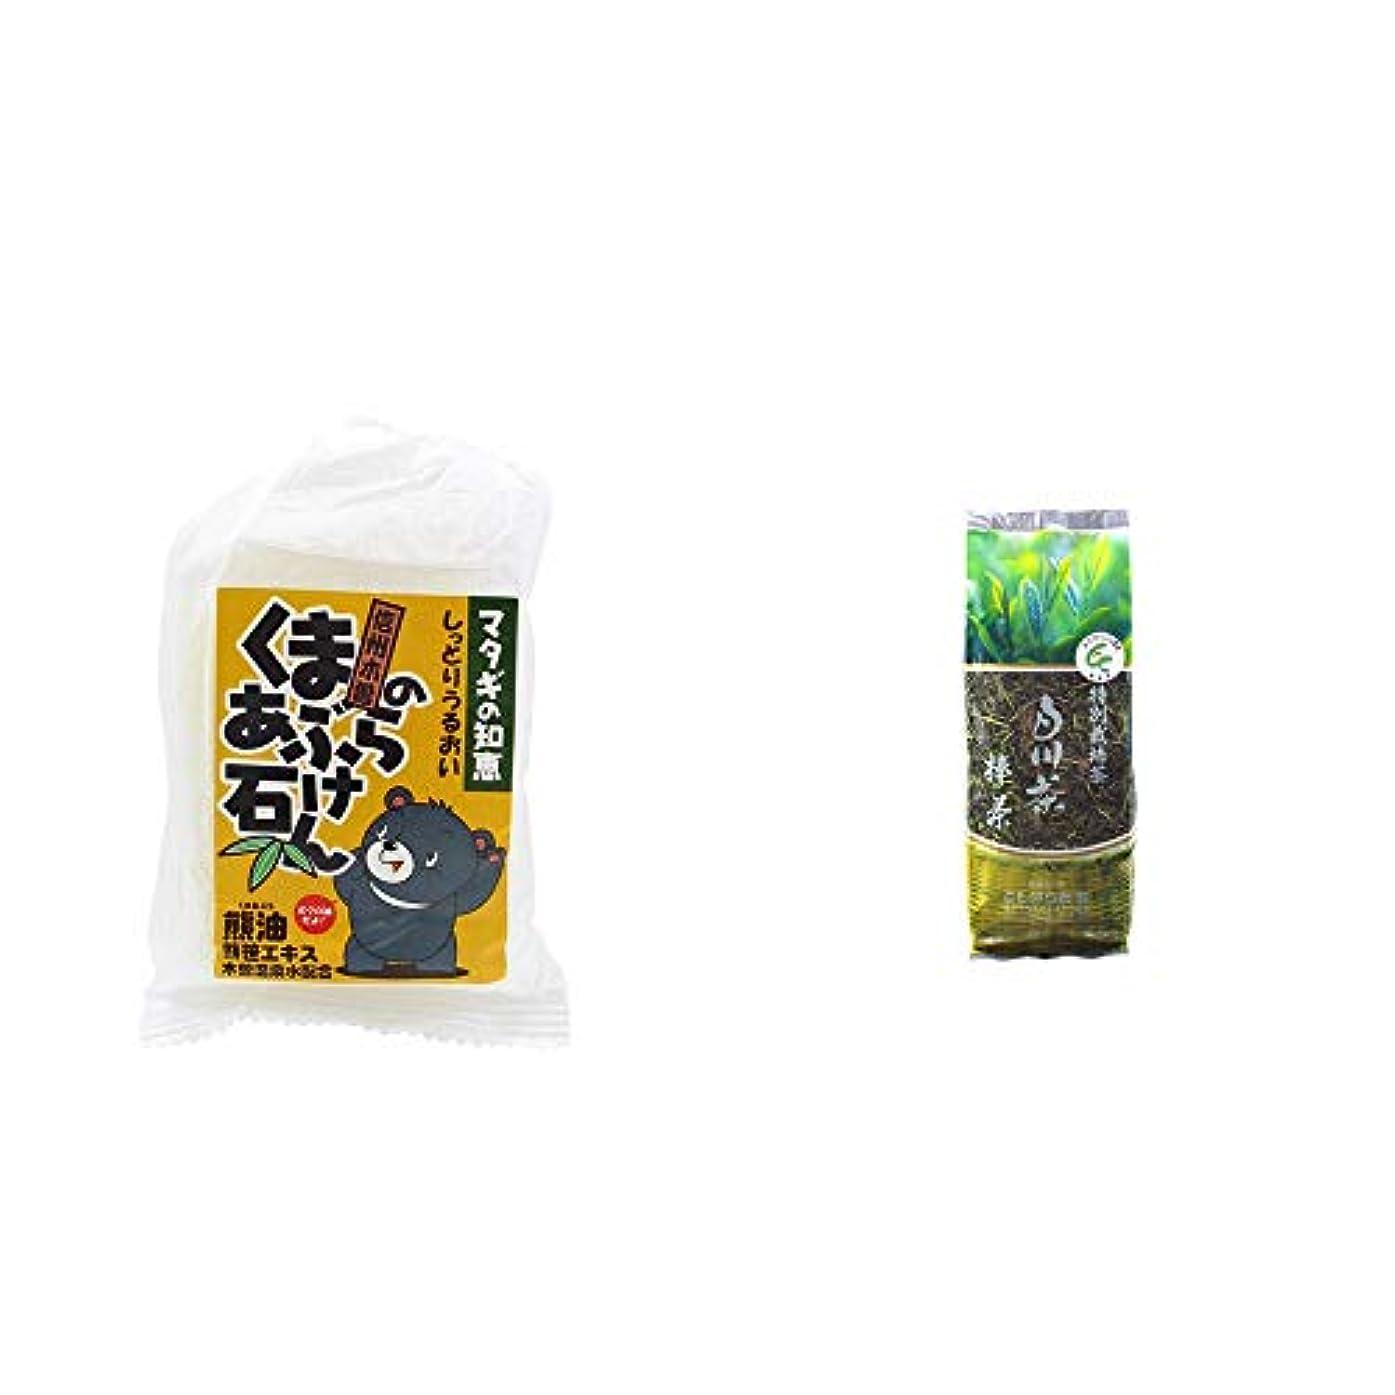 広告中絶ニンニク[2点セット] 信州木曽 くまのあぶら石けん(80g)?白川茶 特別栽培茶【棒茶】(150g)